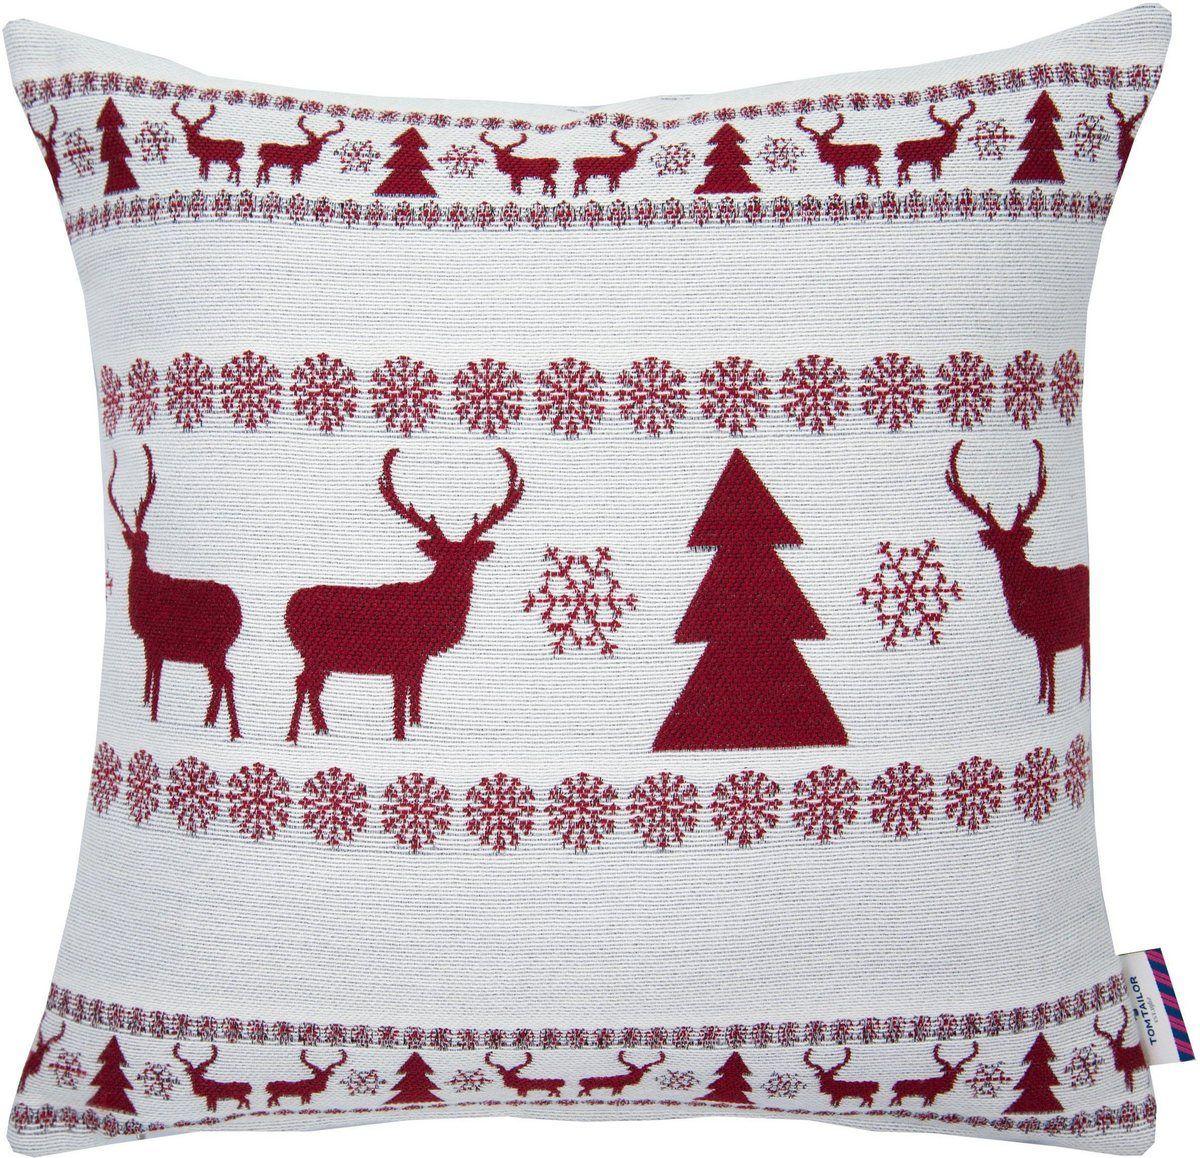 Kissenhulle Nordic Winter Tom Tailor Kaufen Kissenhullen